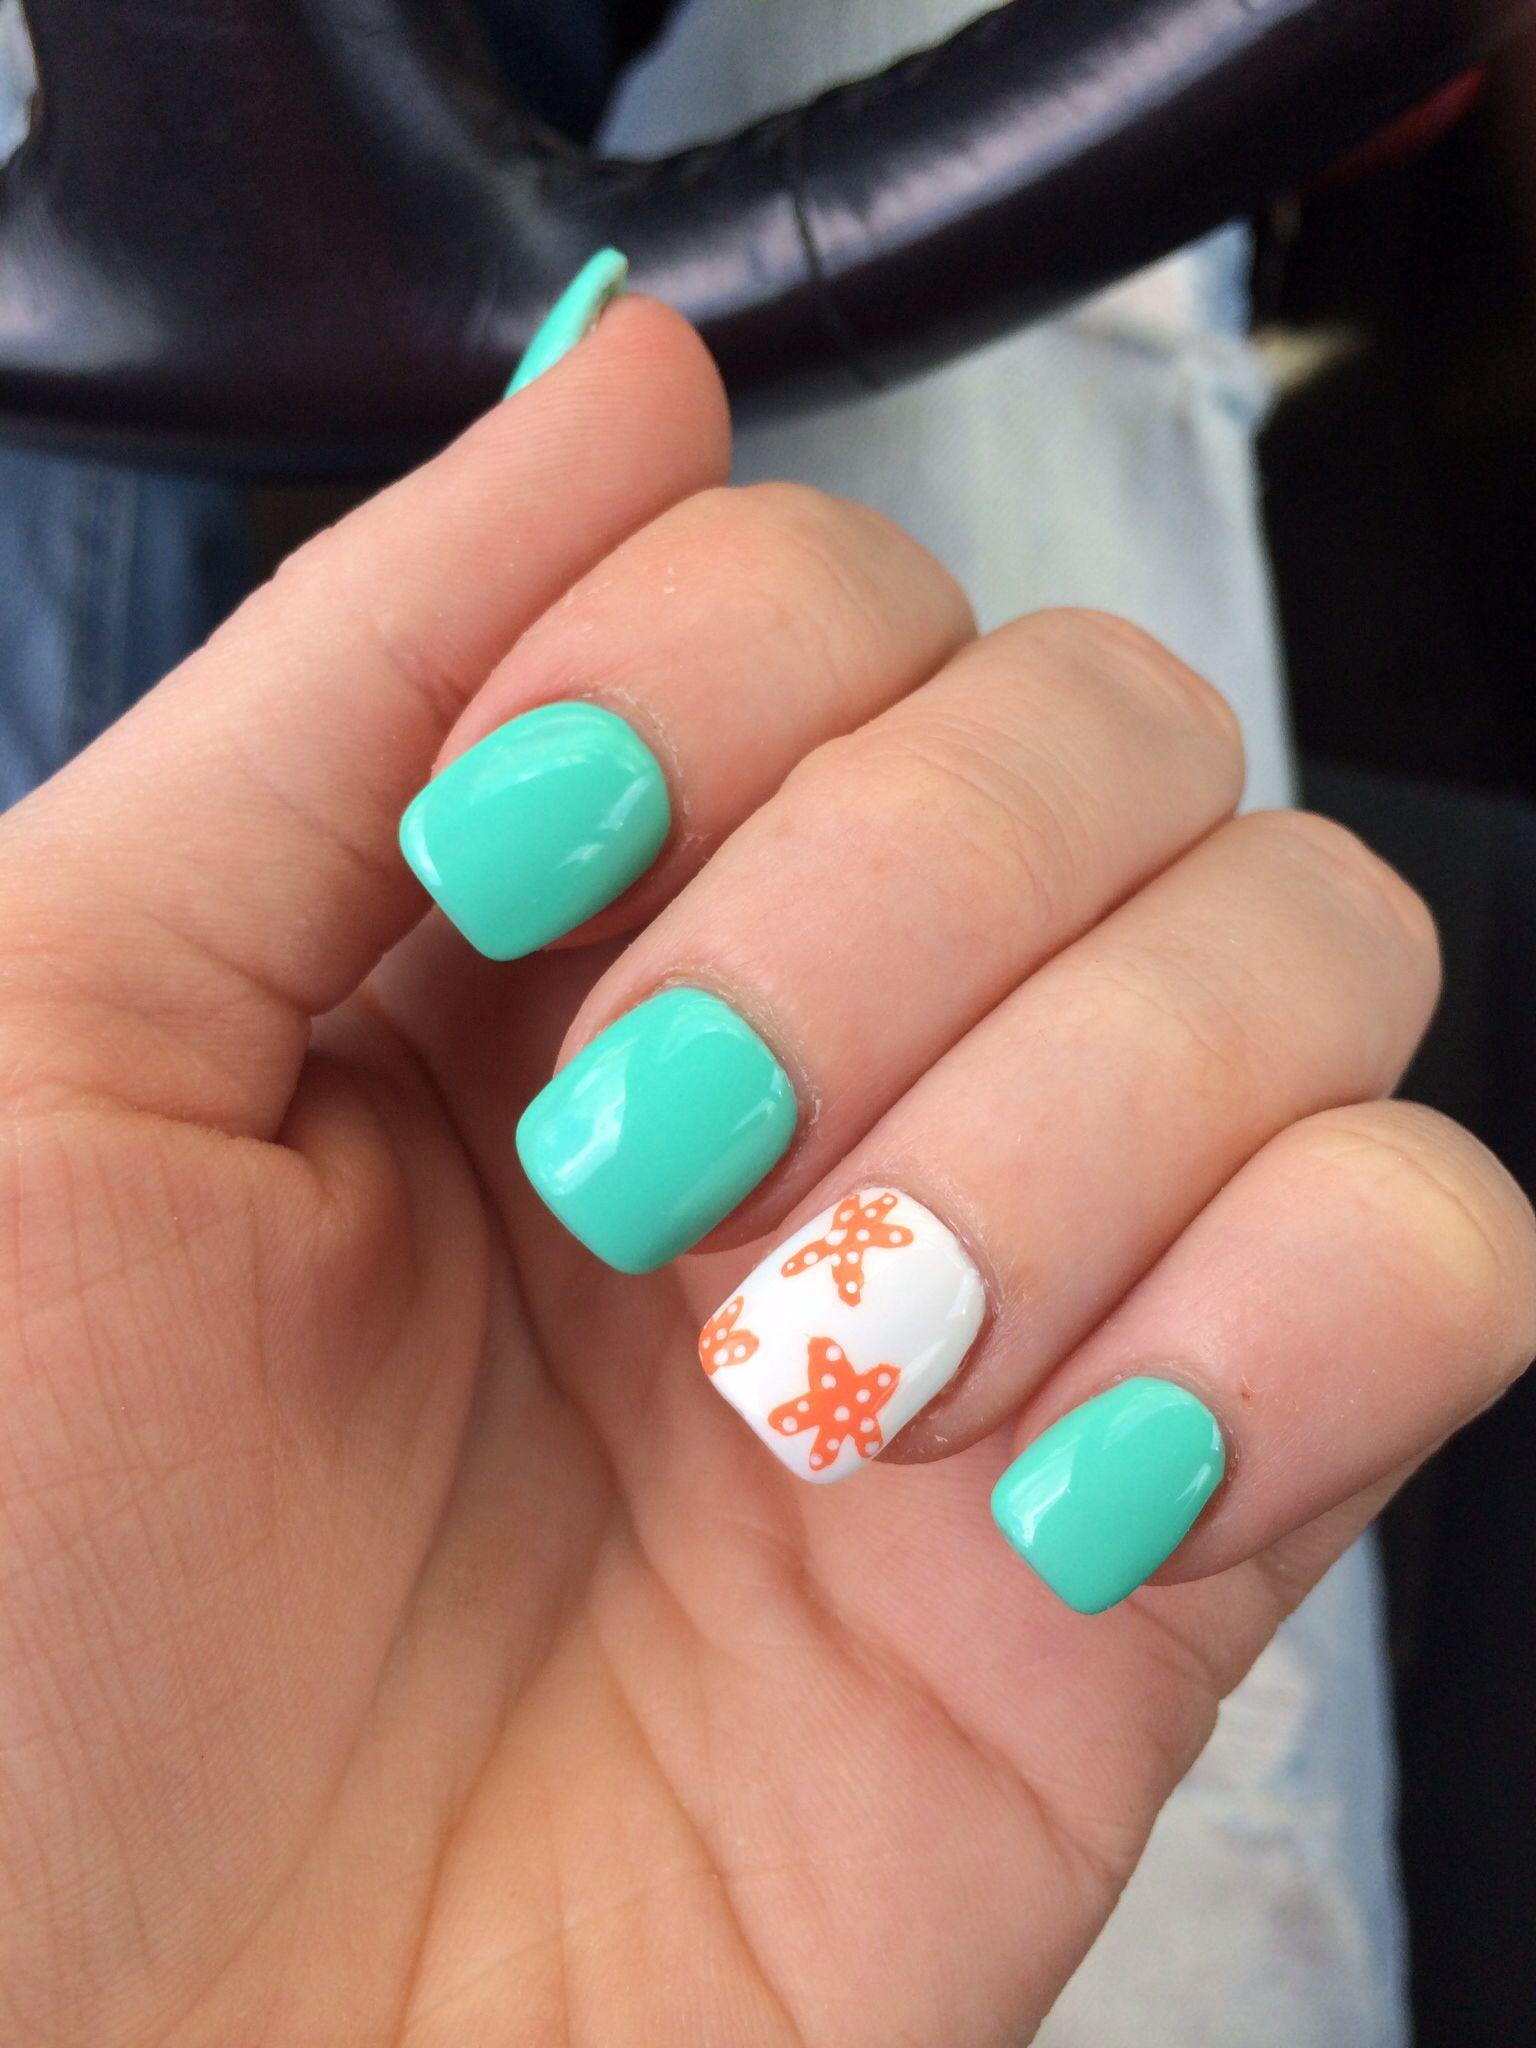 Cute Nail Designs For Spring Break My beach nails!...